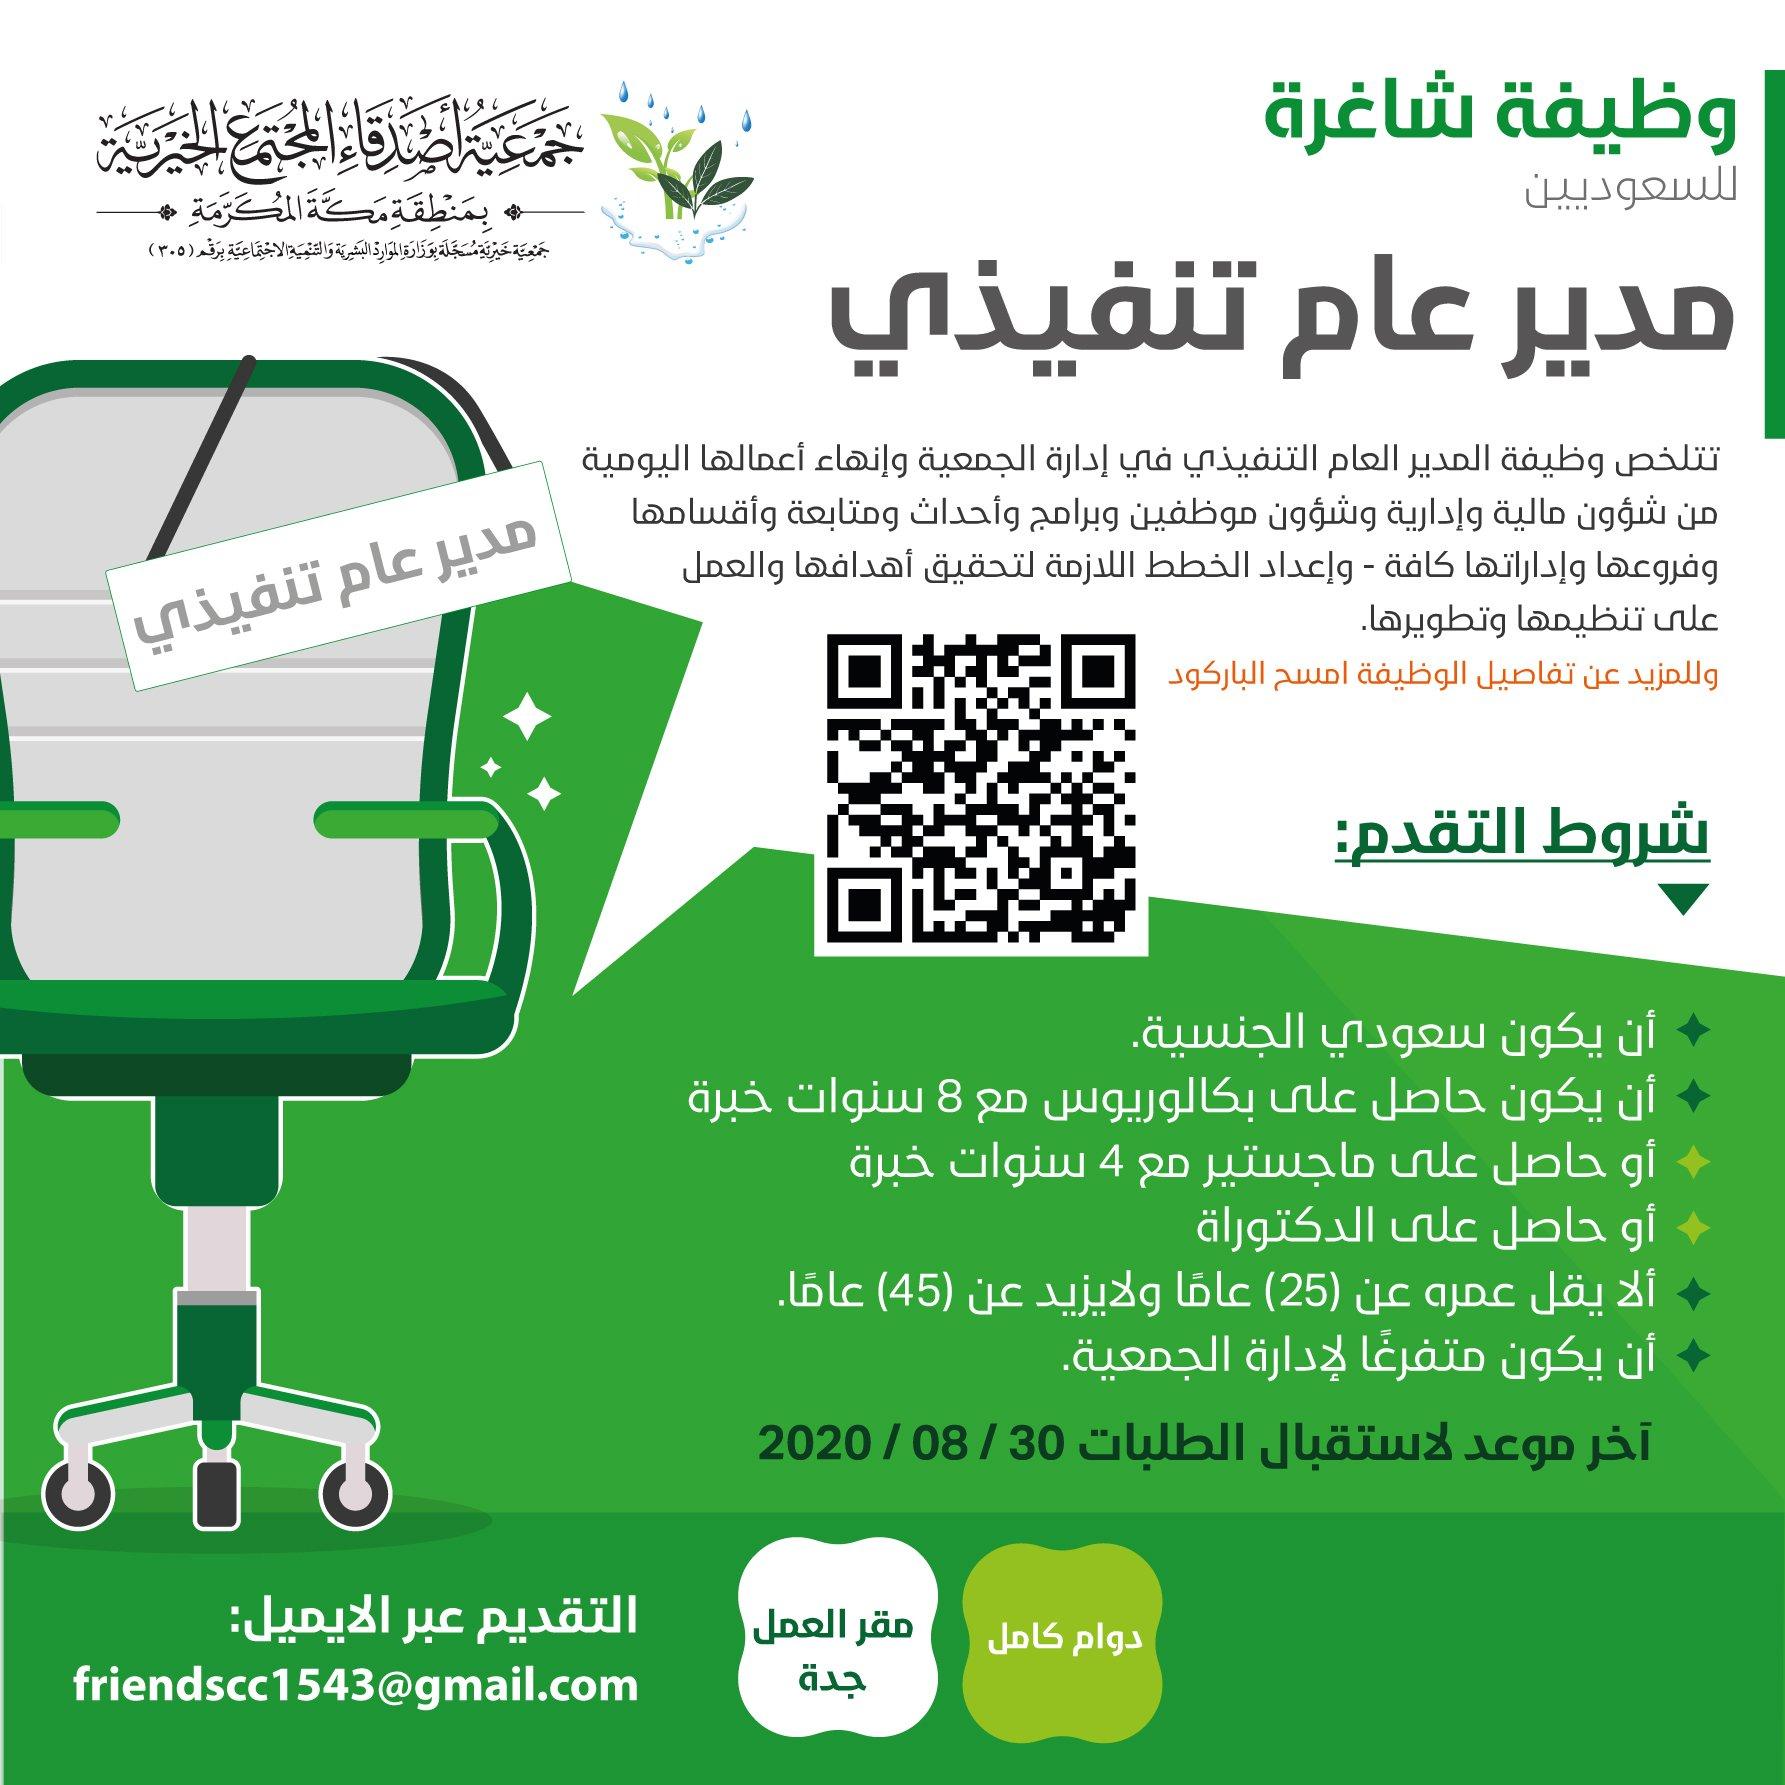 تعلن #جمعية_اصدقاء_المجتمع عن وظيفة إدارية شاغرة في #جدة   - مدير عام تنفيذى   #وظائف_جدة #وظائف_شاغرة #جدة_الان #وظائف @friendscc1